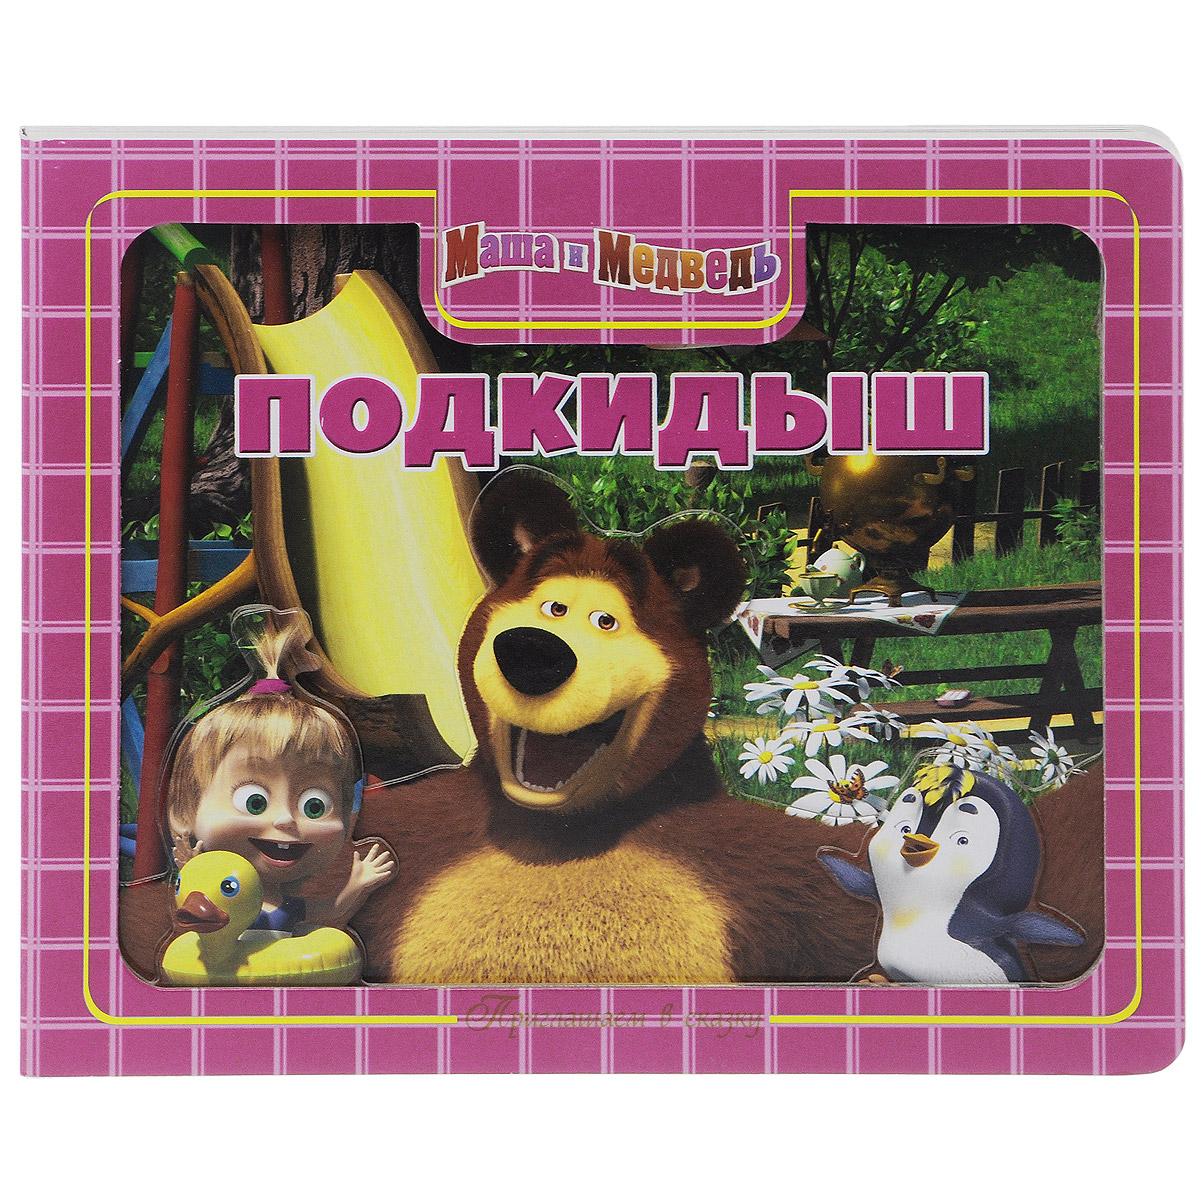 Маша и Медведь. Подкидыш. Приглашаем в сказку!